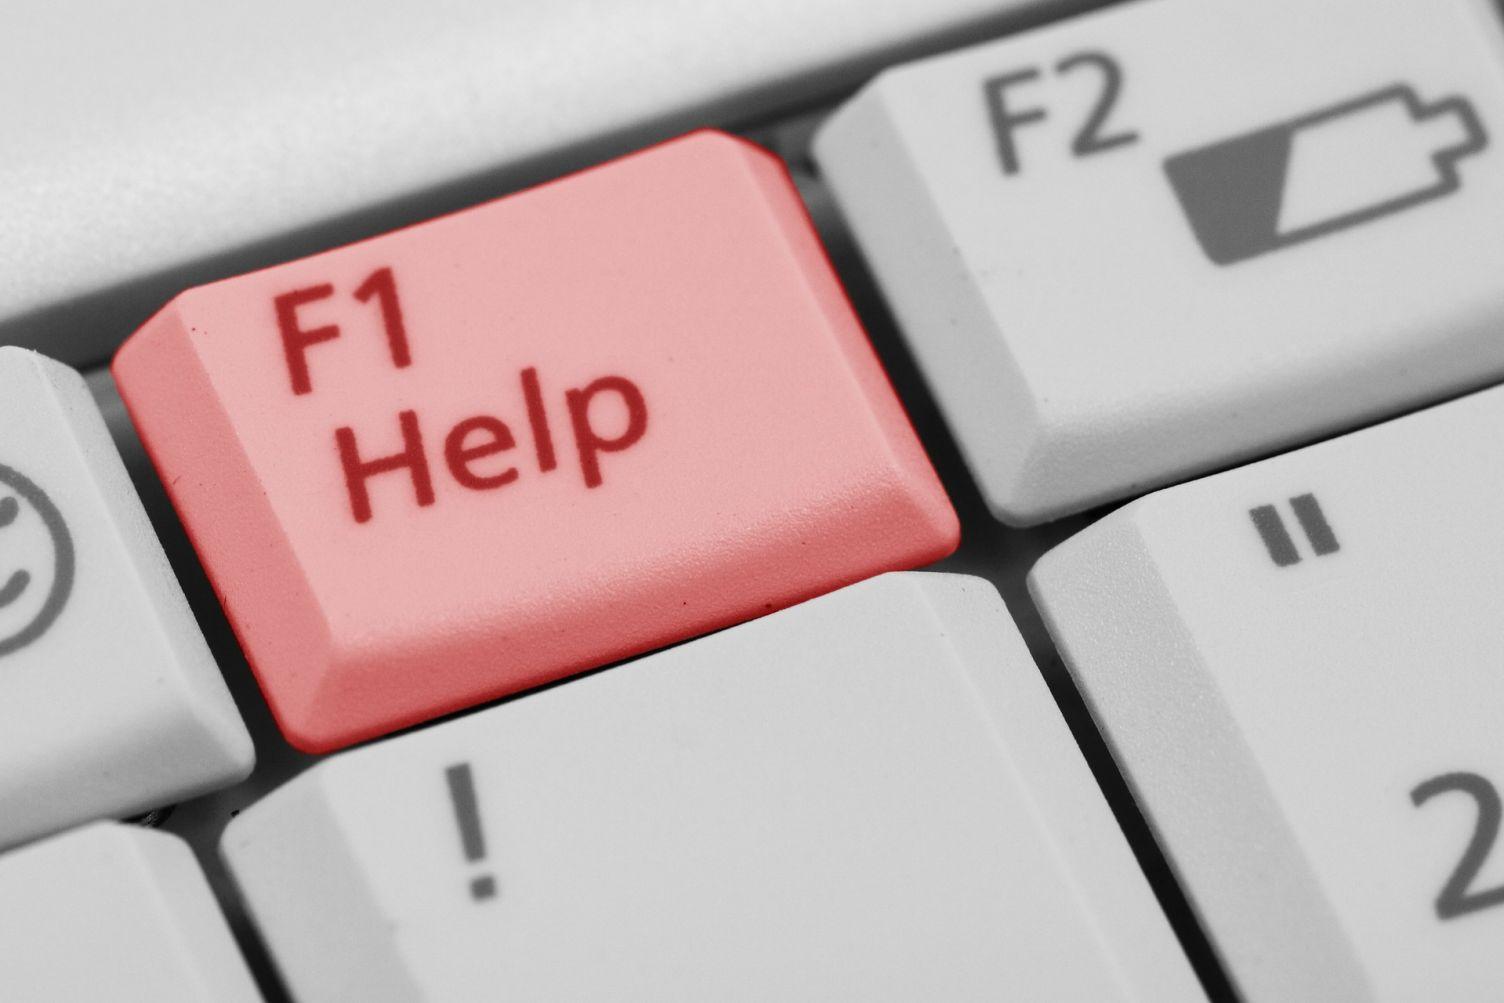 Cómo encontrar las subvenciones y ayudas a emprendedores